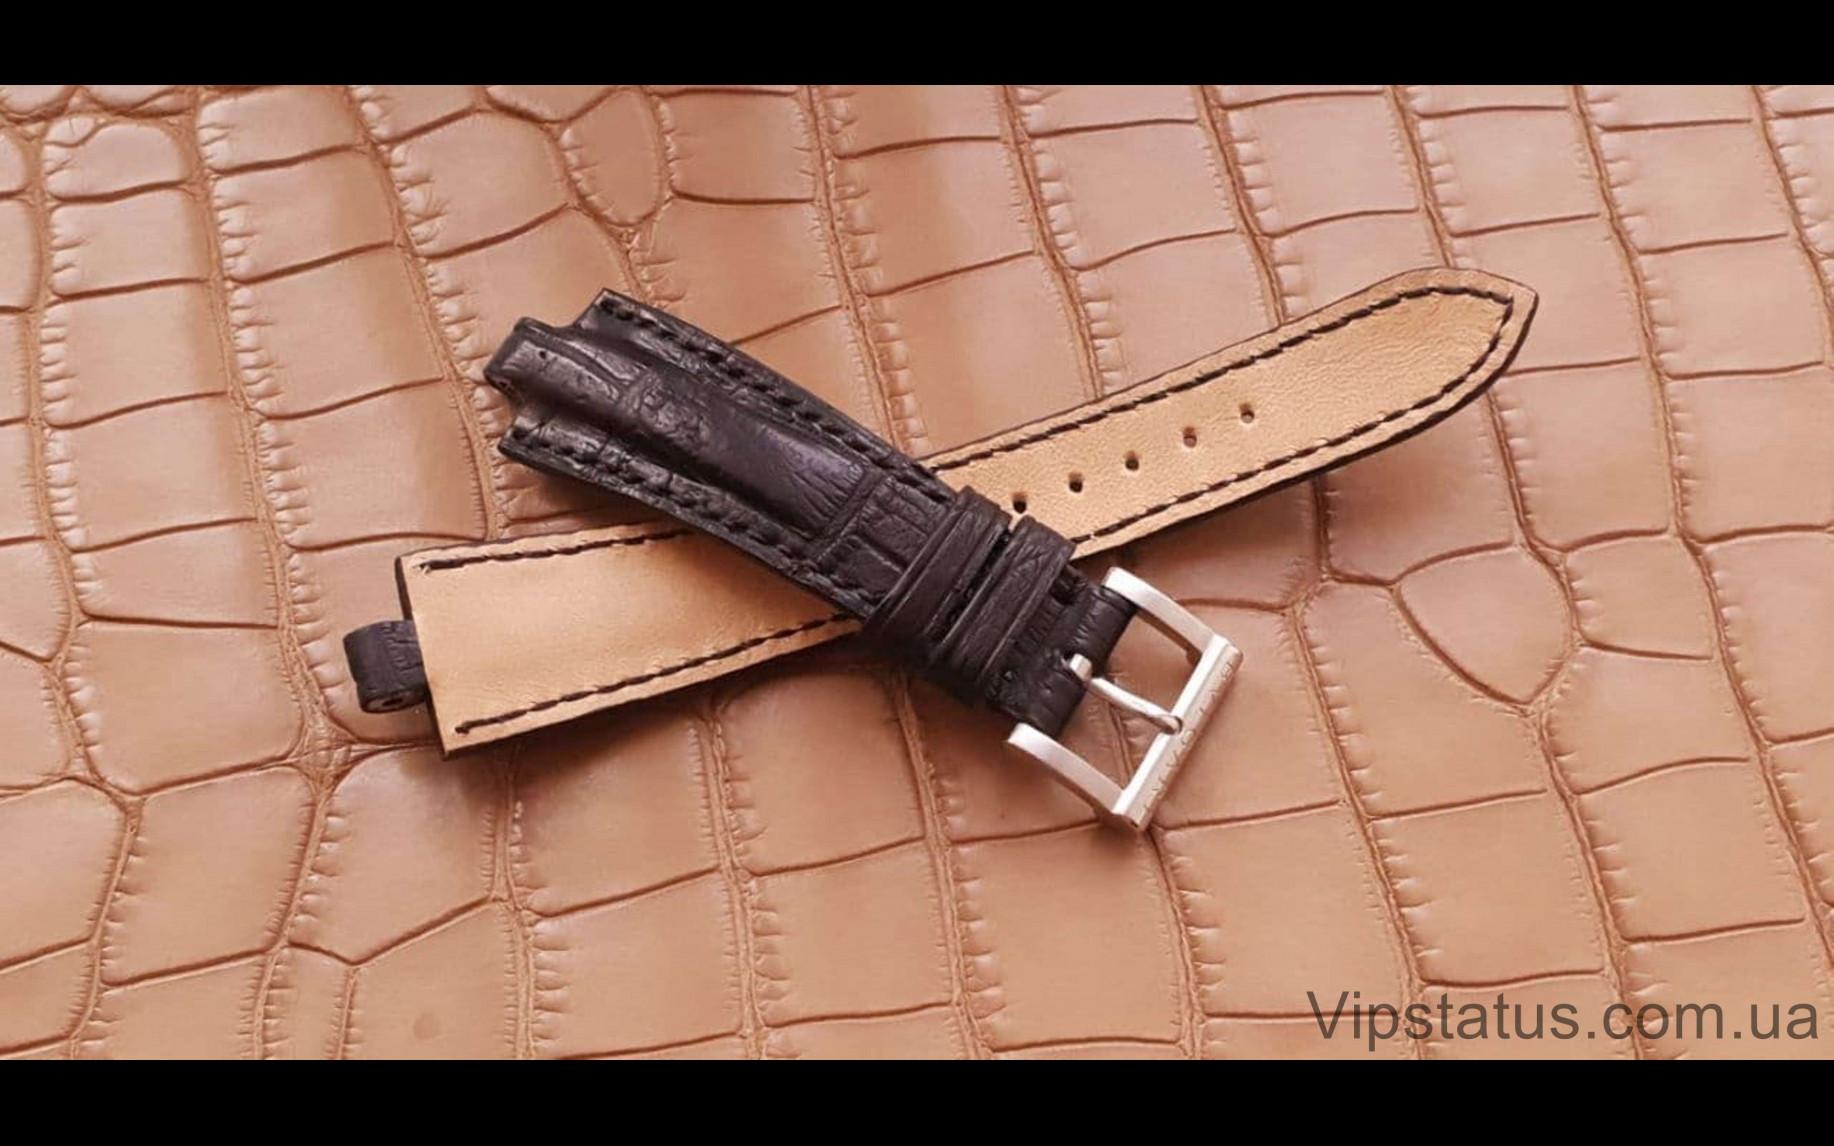 Элитный Эксклюзивный ремешок для часов Bvlgari Black кожа крокодила Элитный ремешок для часов Bvlgari из кожи крокодила изображение 3